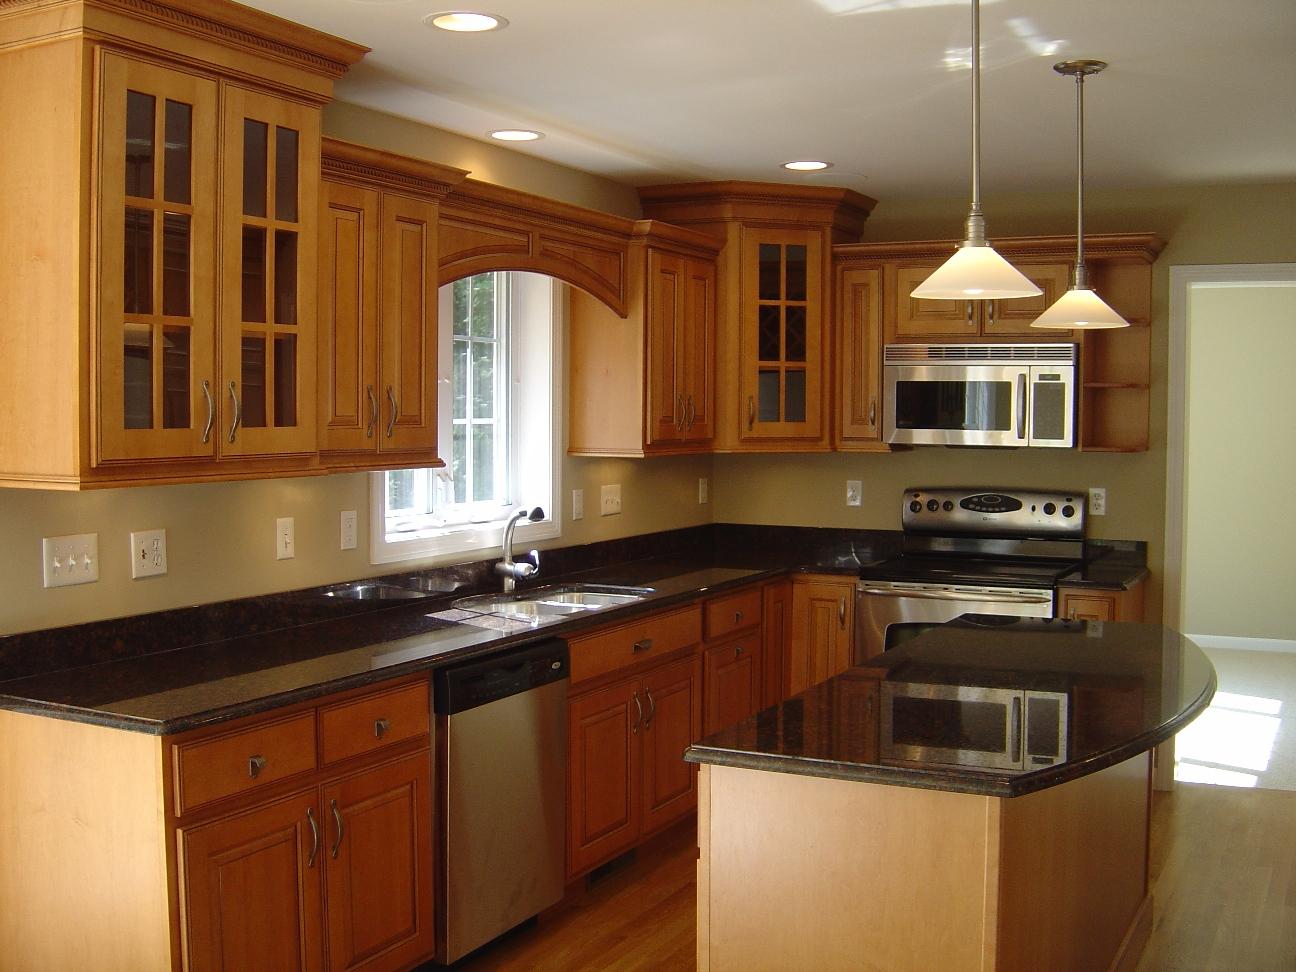 best-små-køkken-design-billeder-i-hjem-dekoration-ideer-med-små-køkken-design-billeder